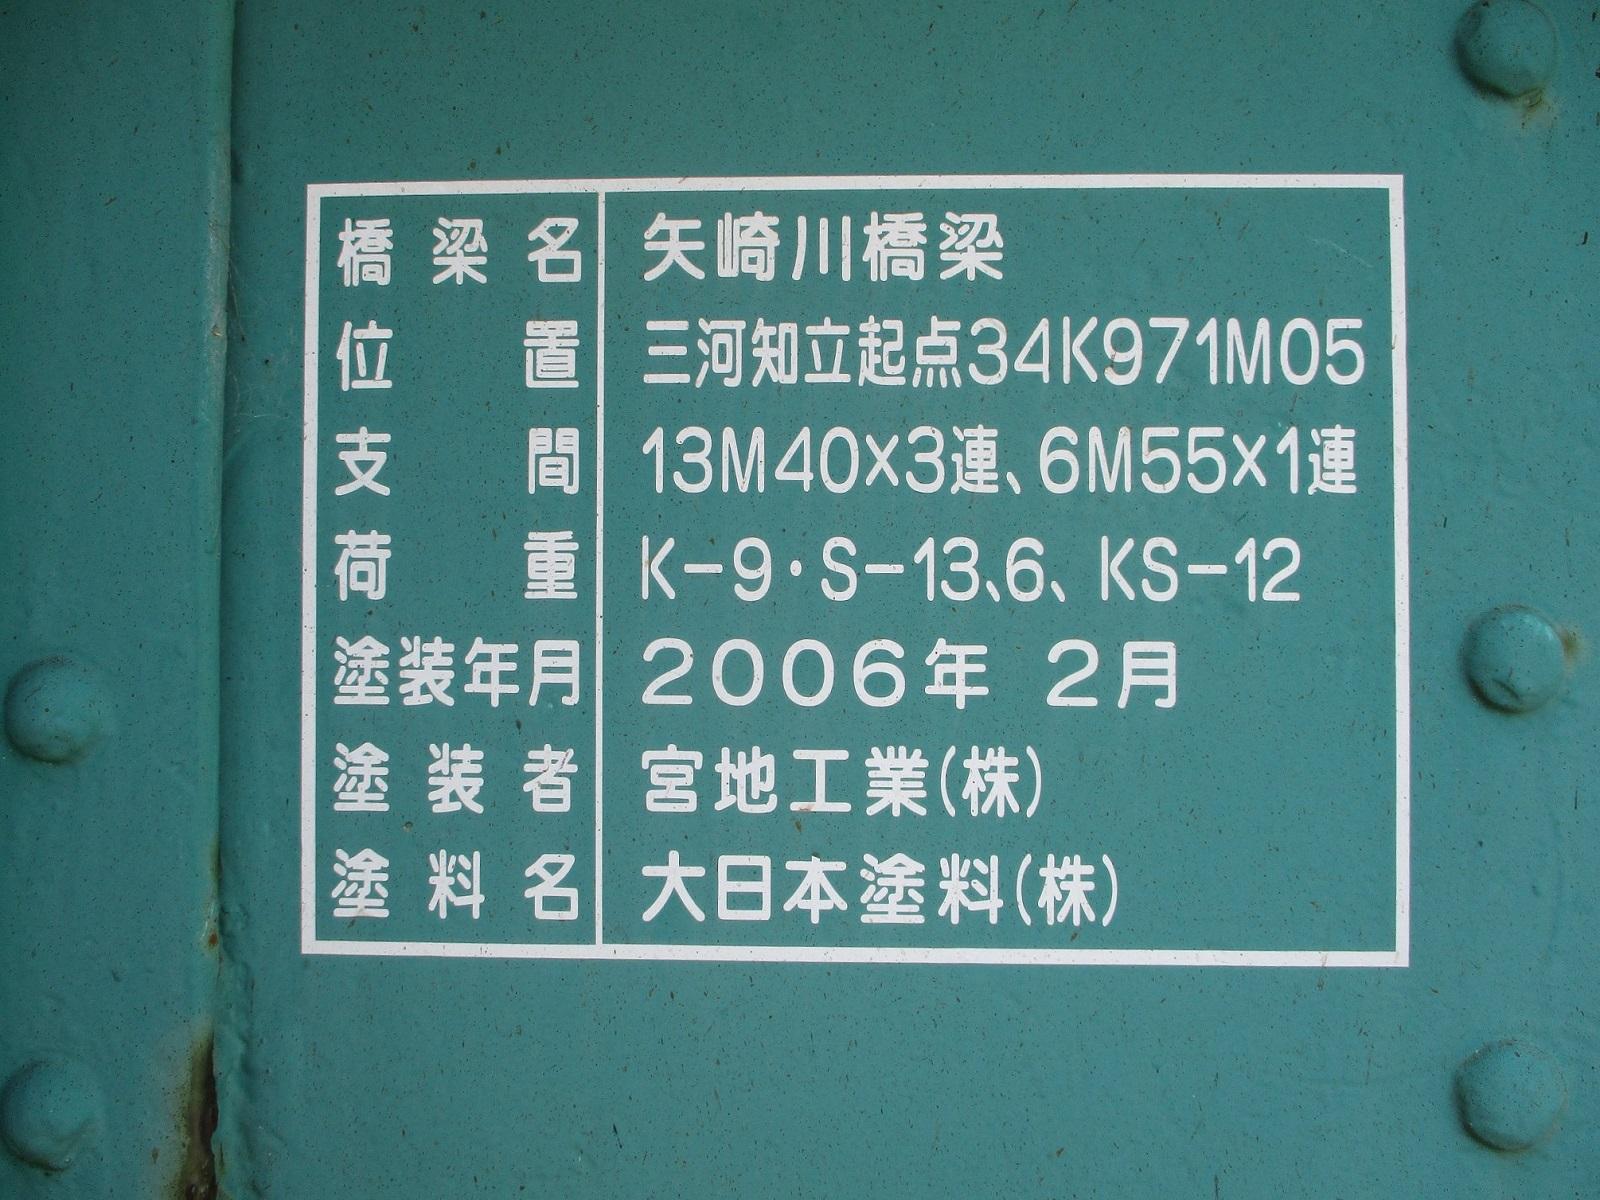 2020.6.16 (11) 矢崎川鉄橋 - 銘板 1600-1200